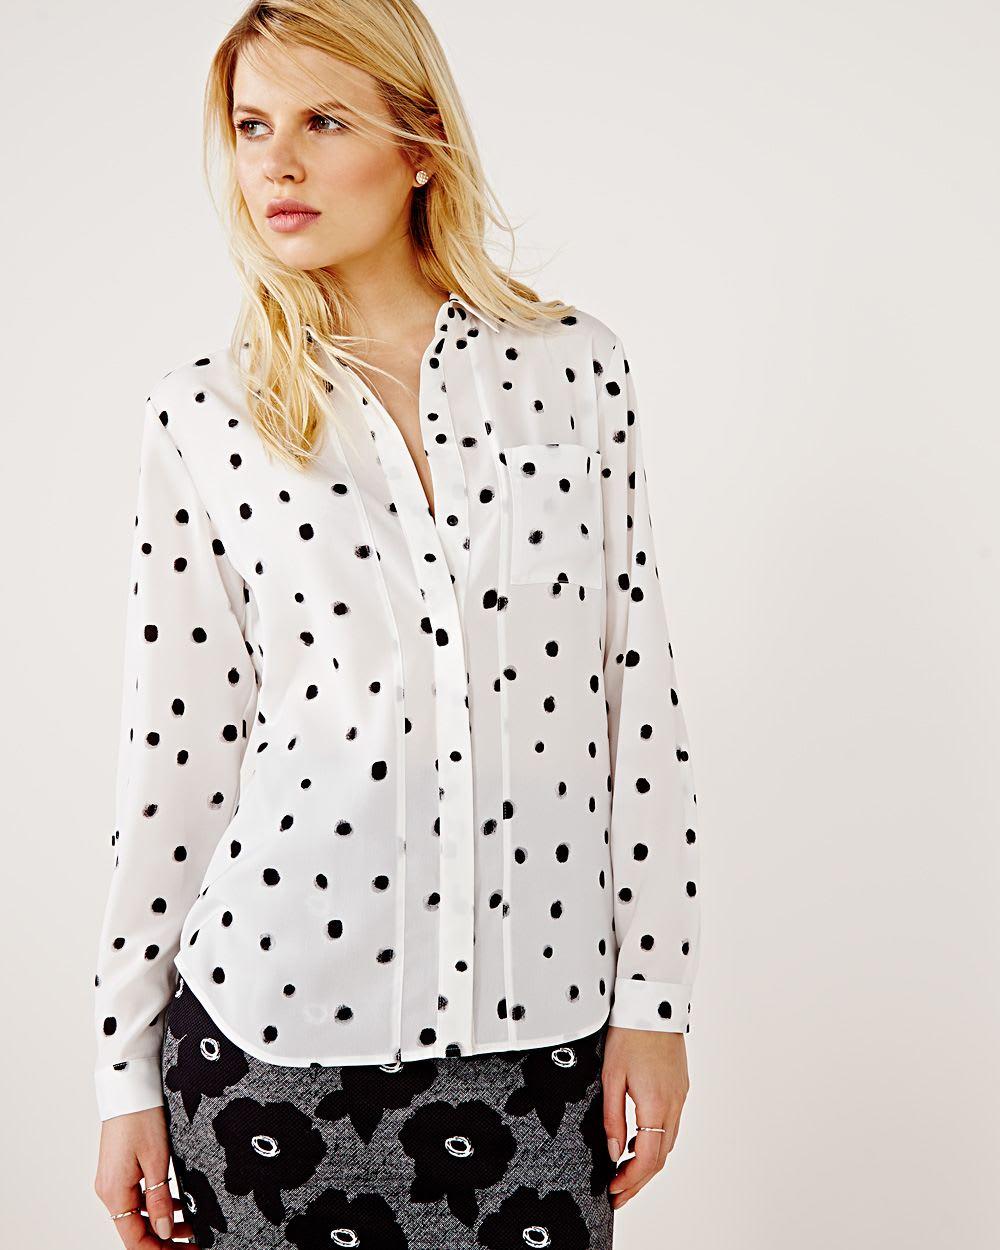 9e9e3de4ac9 Silky long sleeve blouse with polka dot print